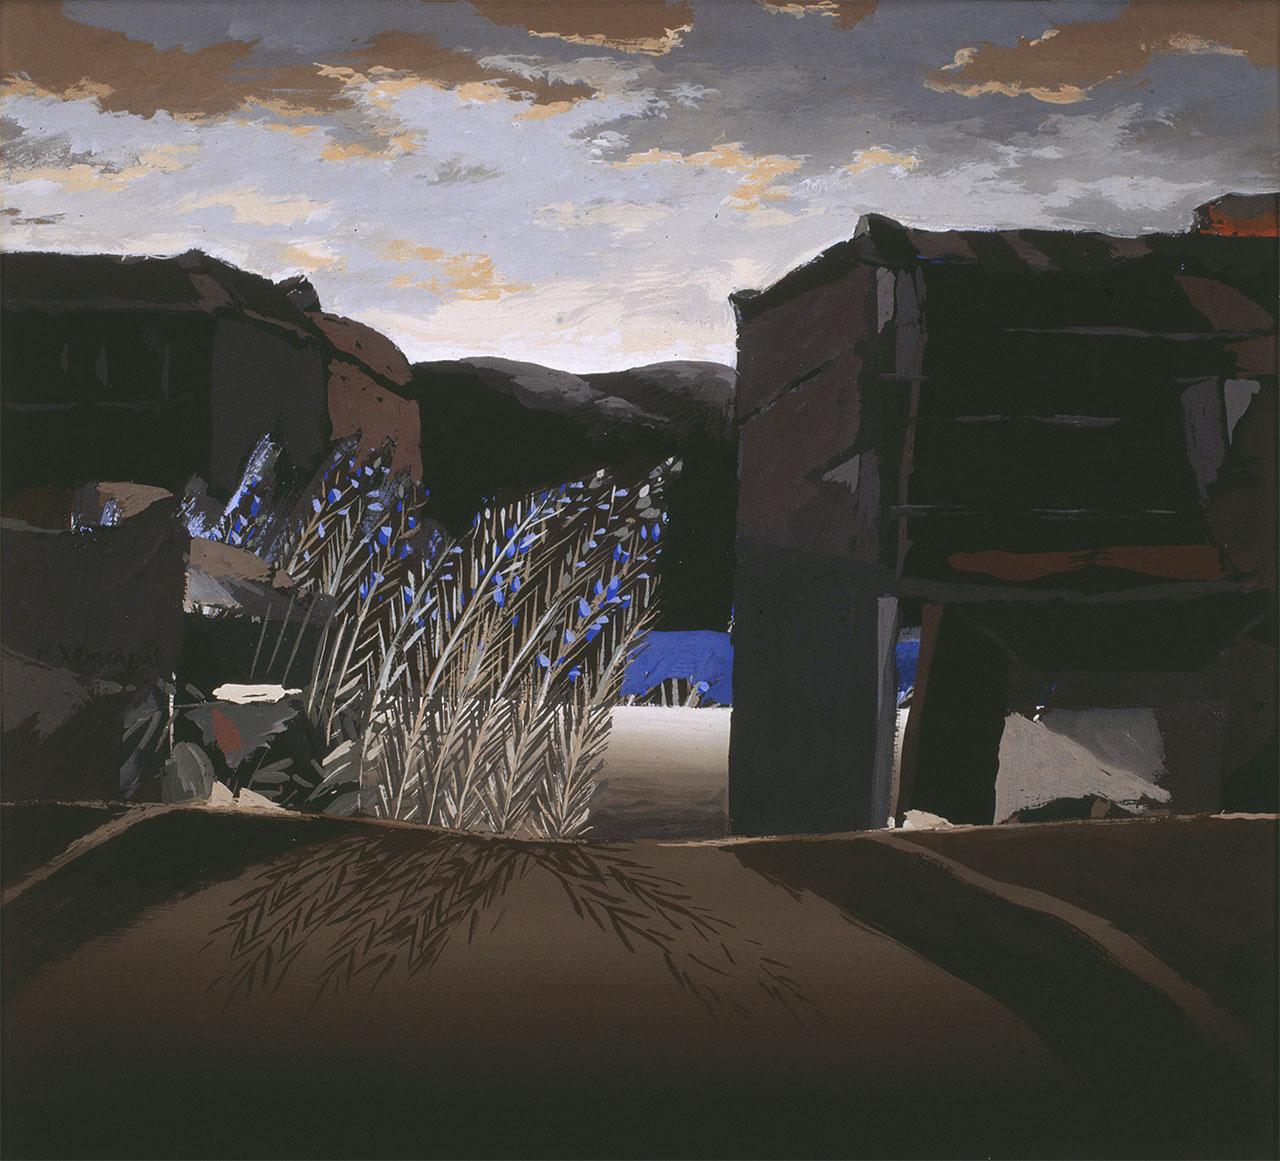 Χωρίς τίτλο (από τη σειρά: Ακατοίκητος τόπος του νου), περίπου 1972, ακρυλικό σε χαρτόνι, 42x46 εκ.